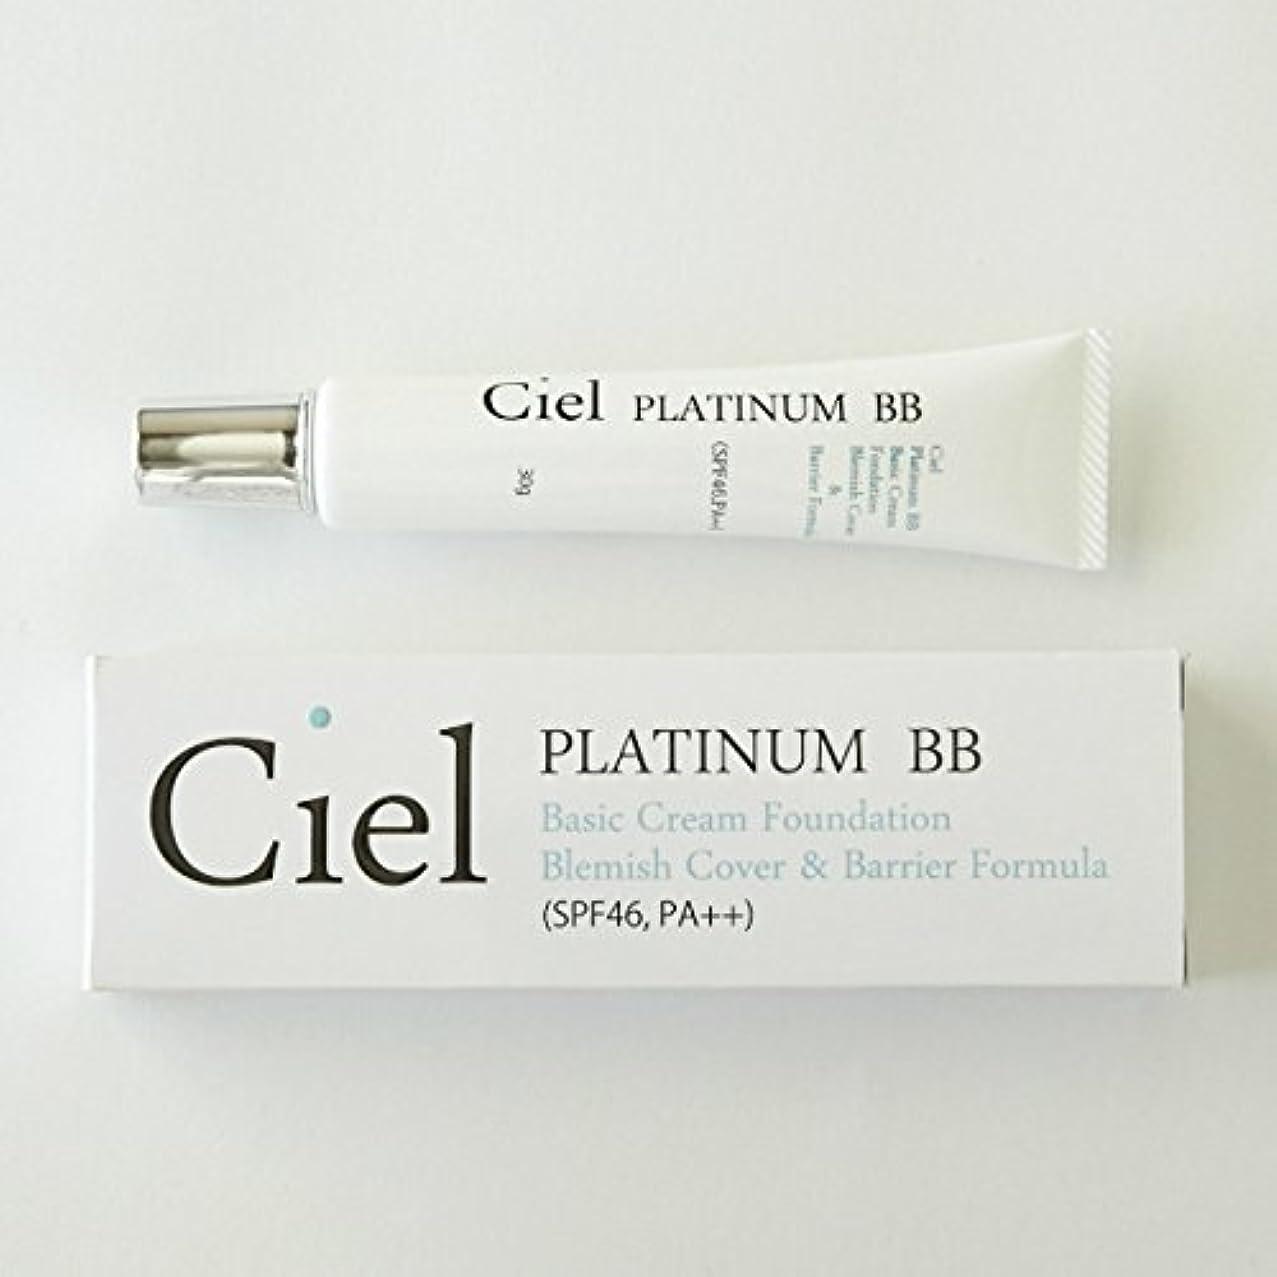 ベンチコンサルタント純度Ciel Salon de Beaute Ciel PLATINUM BB SPF46 BBクリーム ファンデーション 日本製 日焼け止め